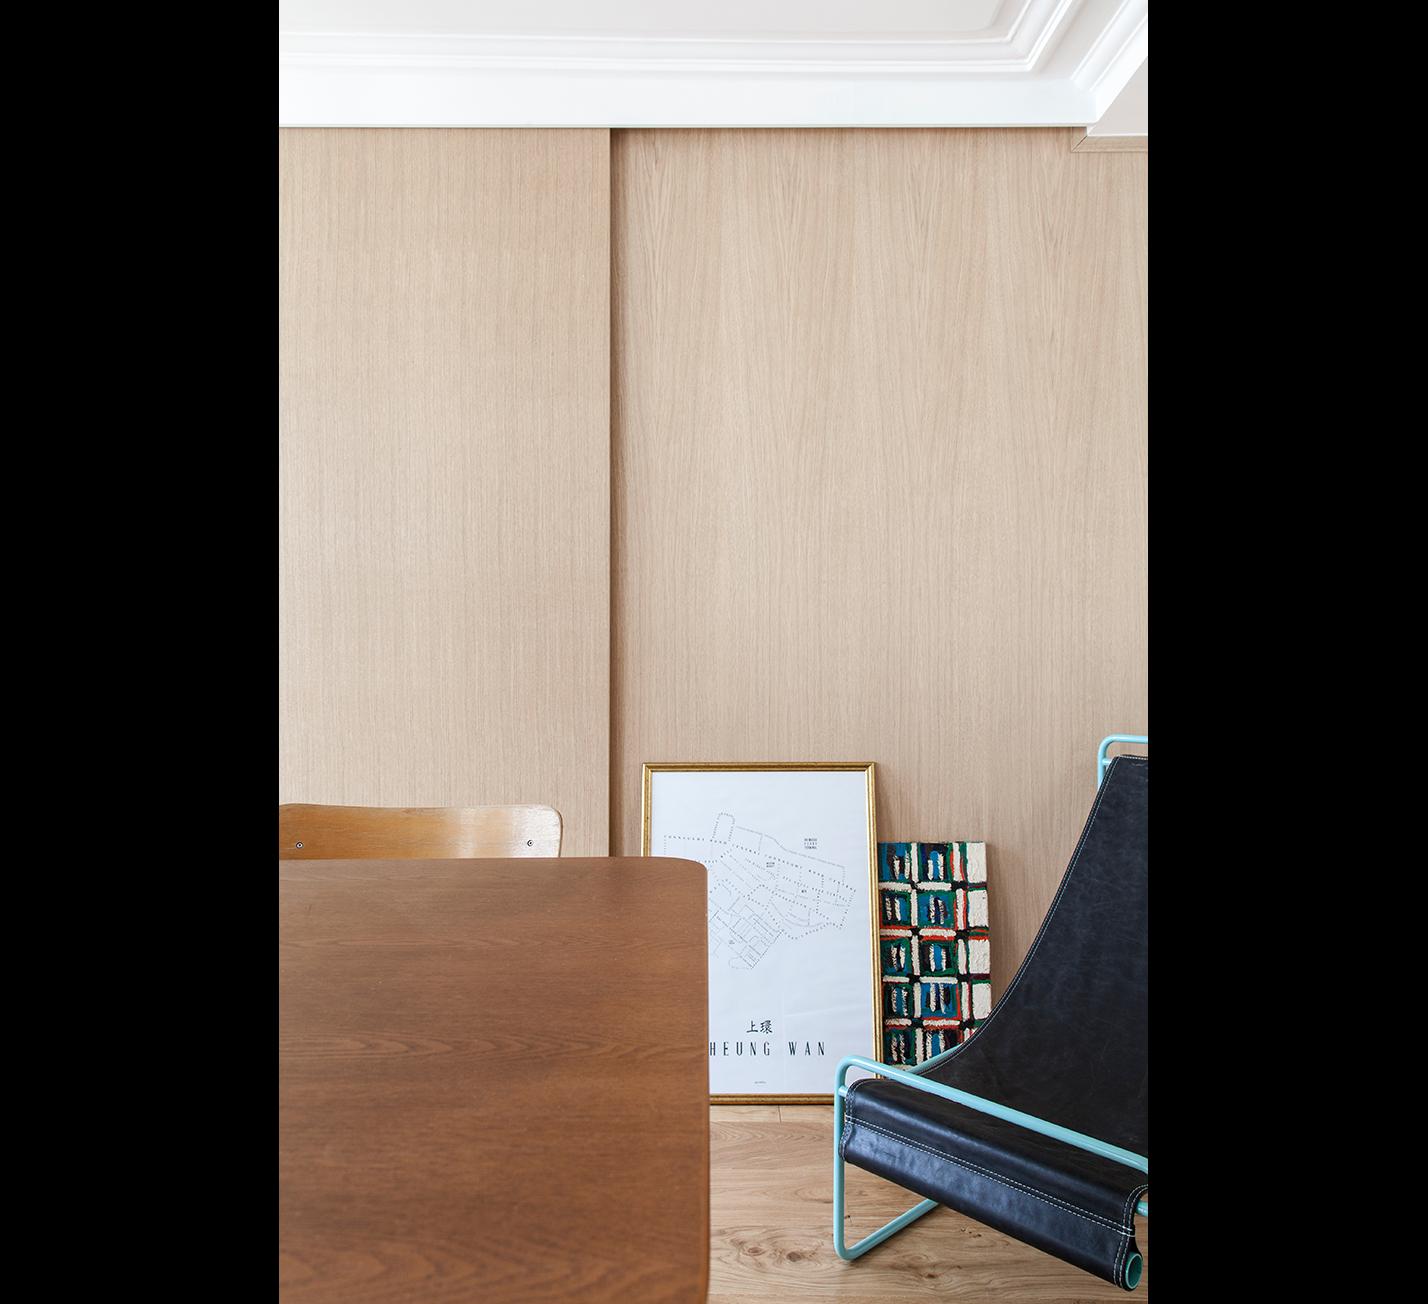 Projet-Pigalle-Atelier-Steve-Pauline-Borgia-Architecture-interieur-13